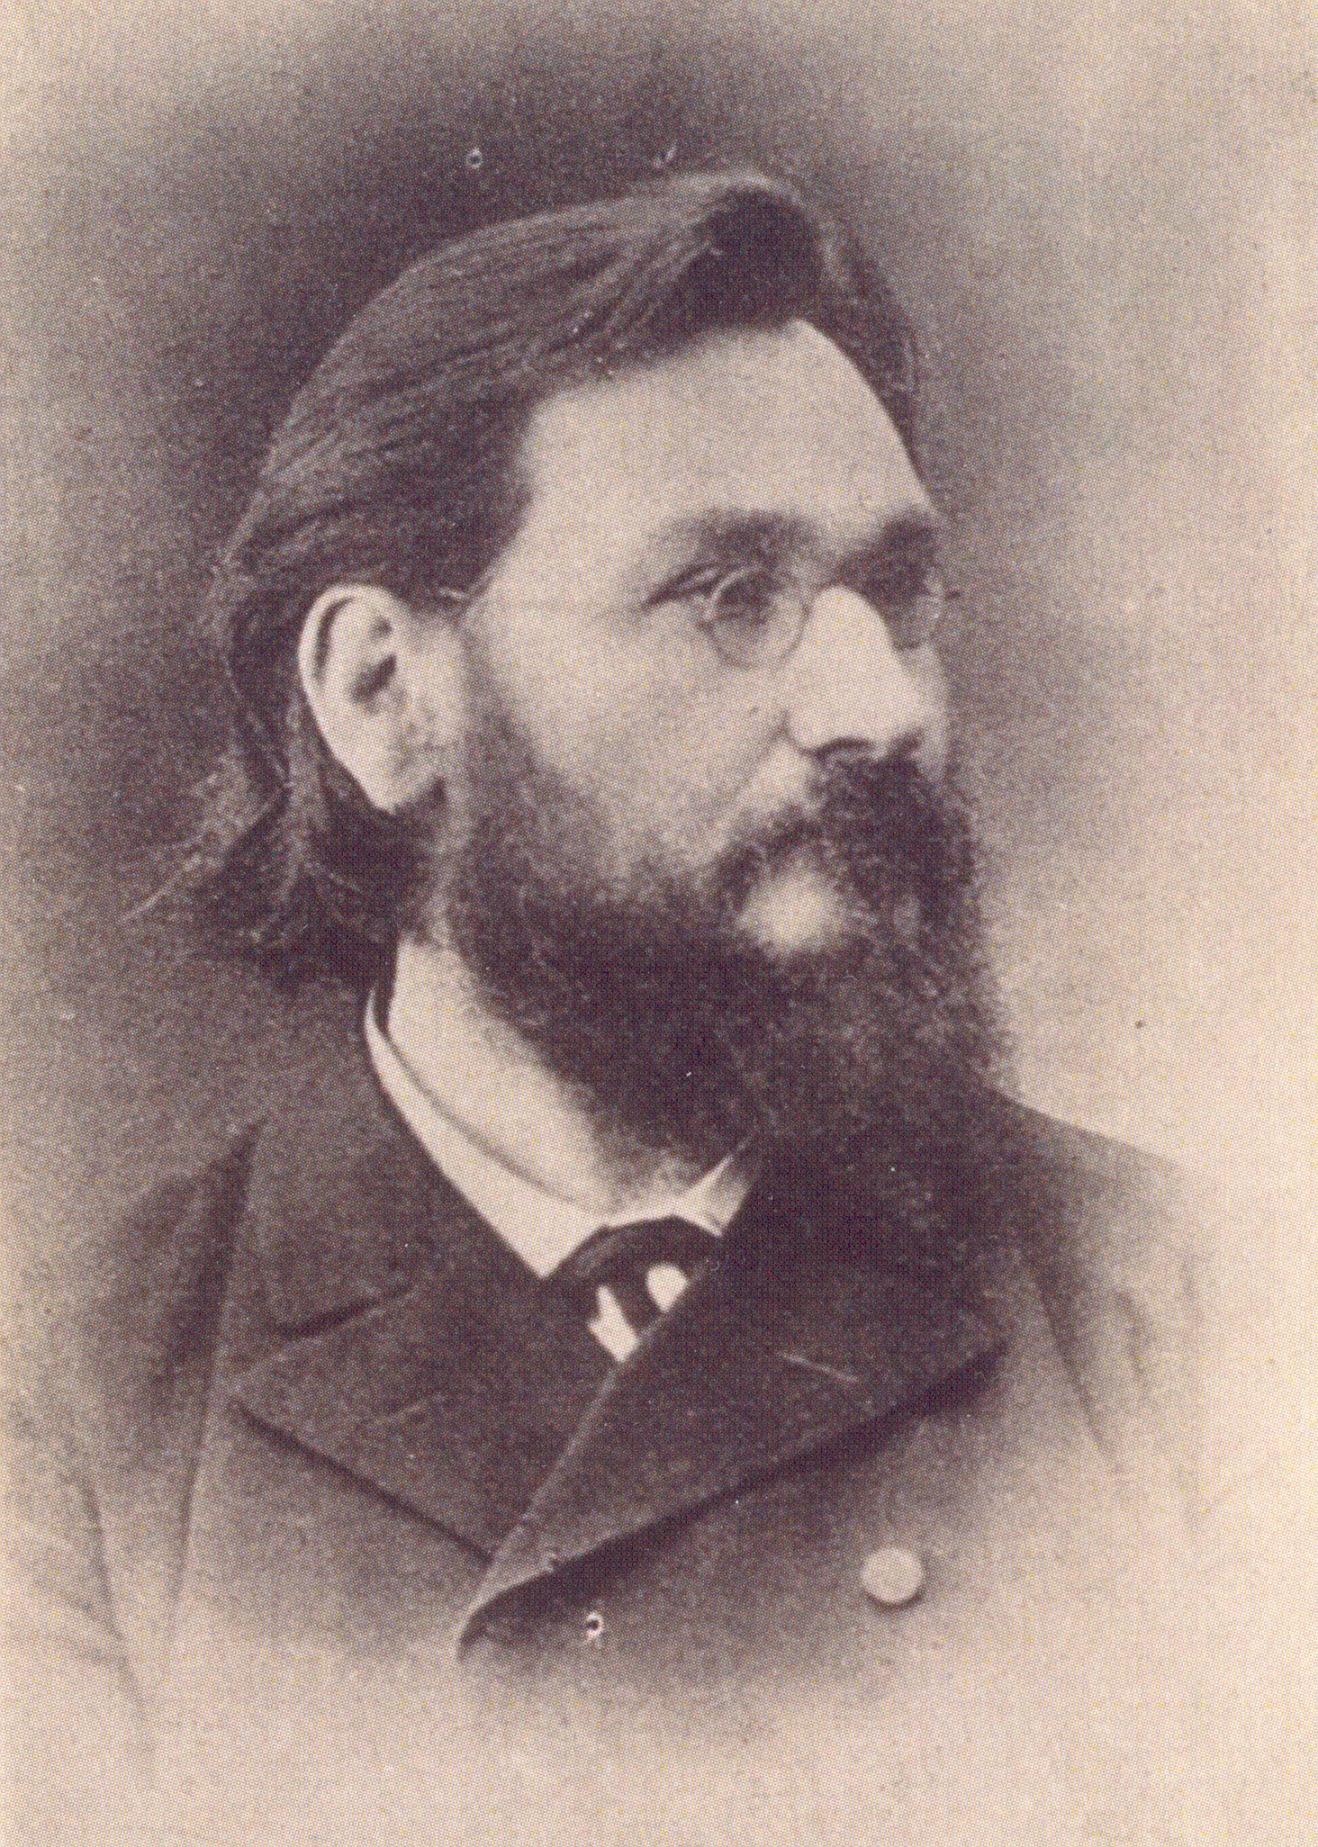 Илья Ильич Мечников, 1880-е гг. Из личного архива С. И. Фокина